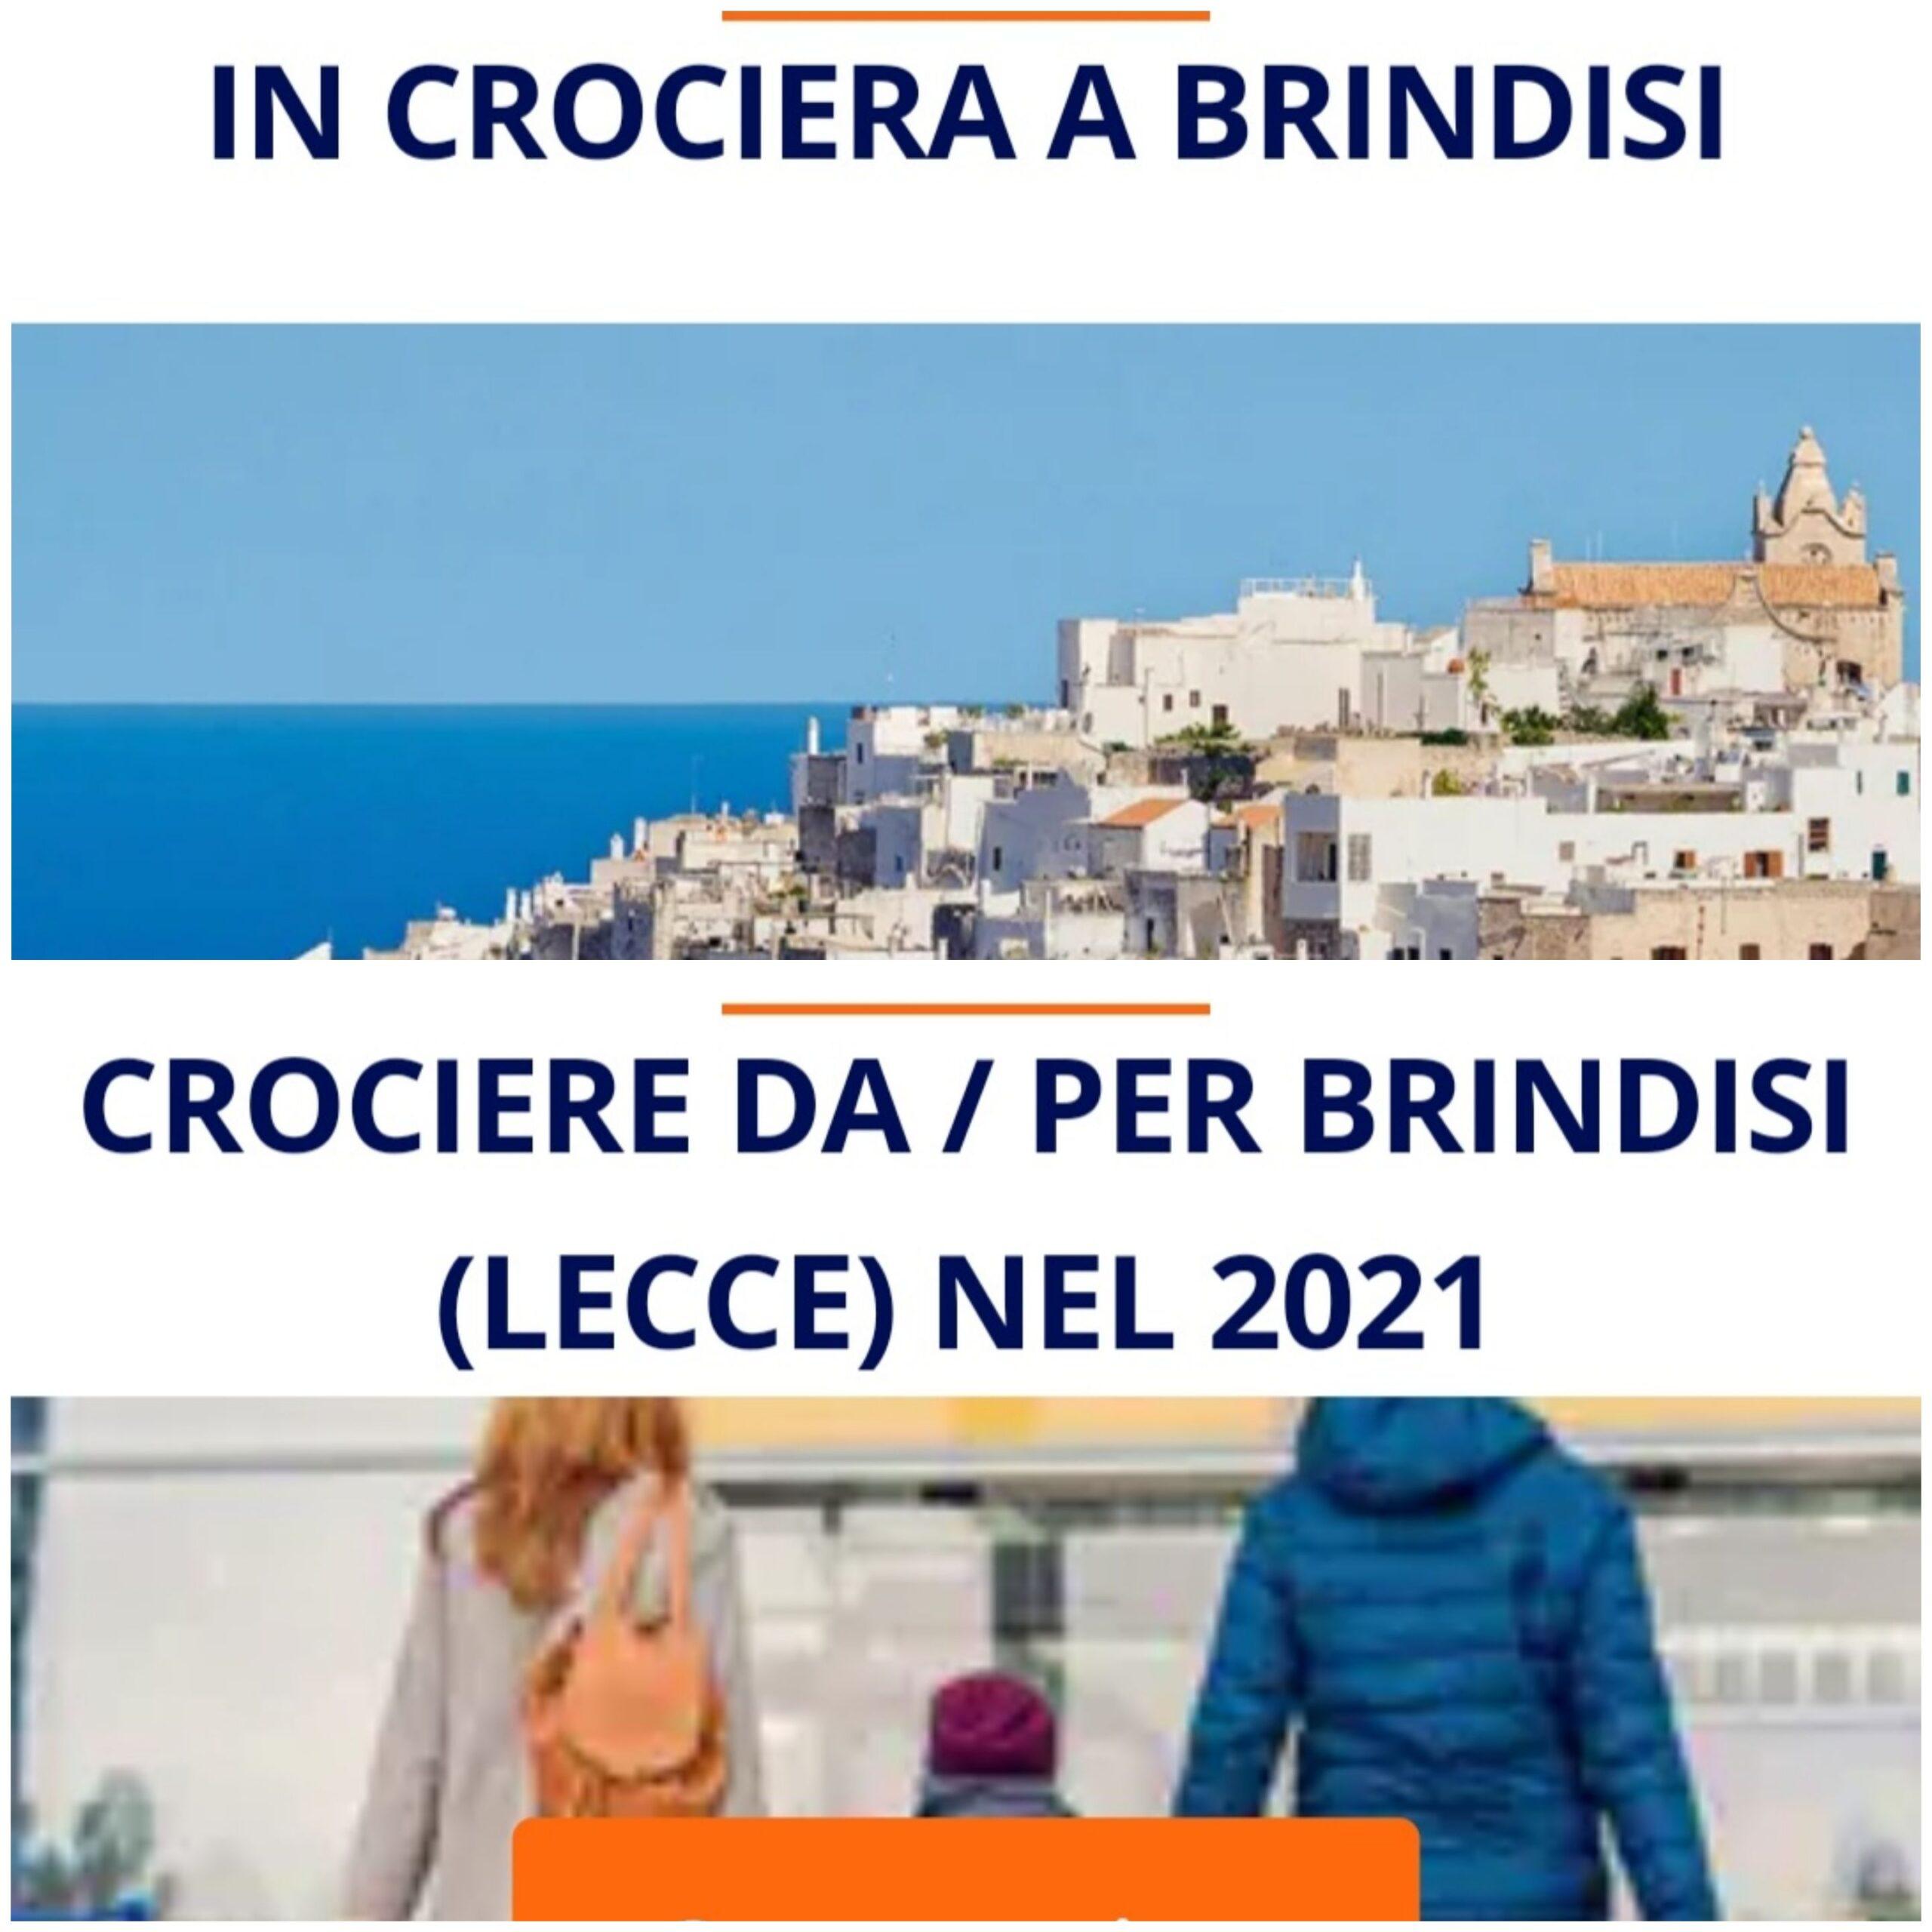 Msc preferisce Porto Cesareo a Torre Guaceto e presenta Brindisi come Lecce/Ostuni. A Taranto tutta un'altra storia…